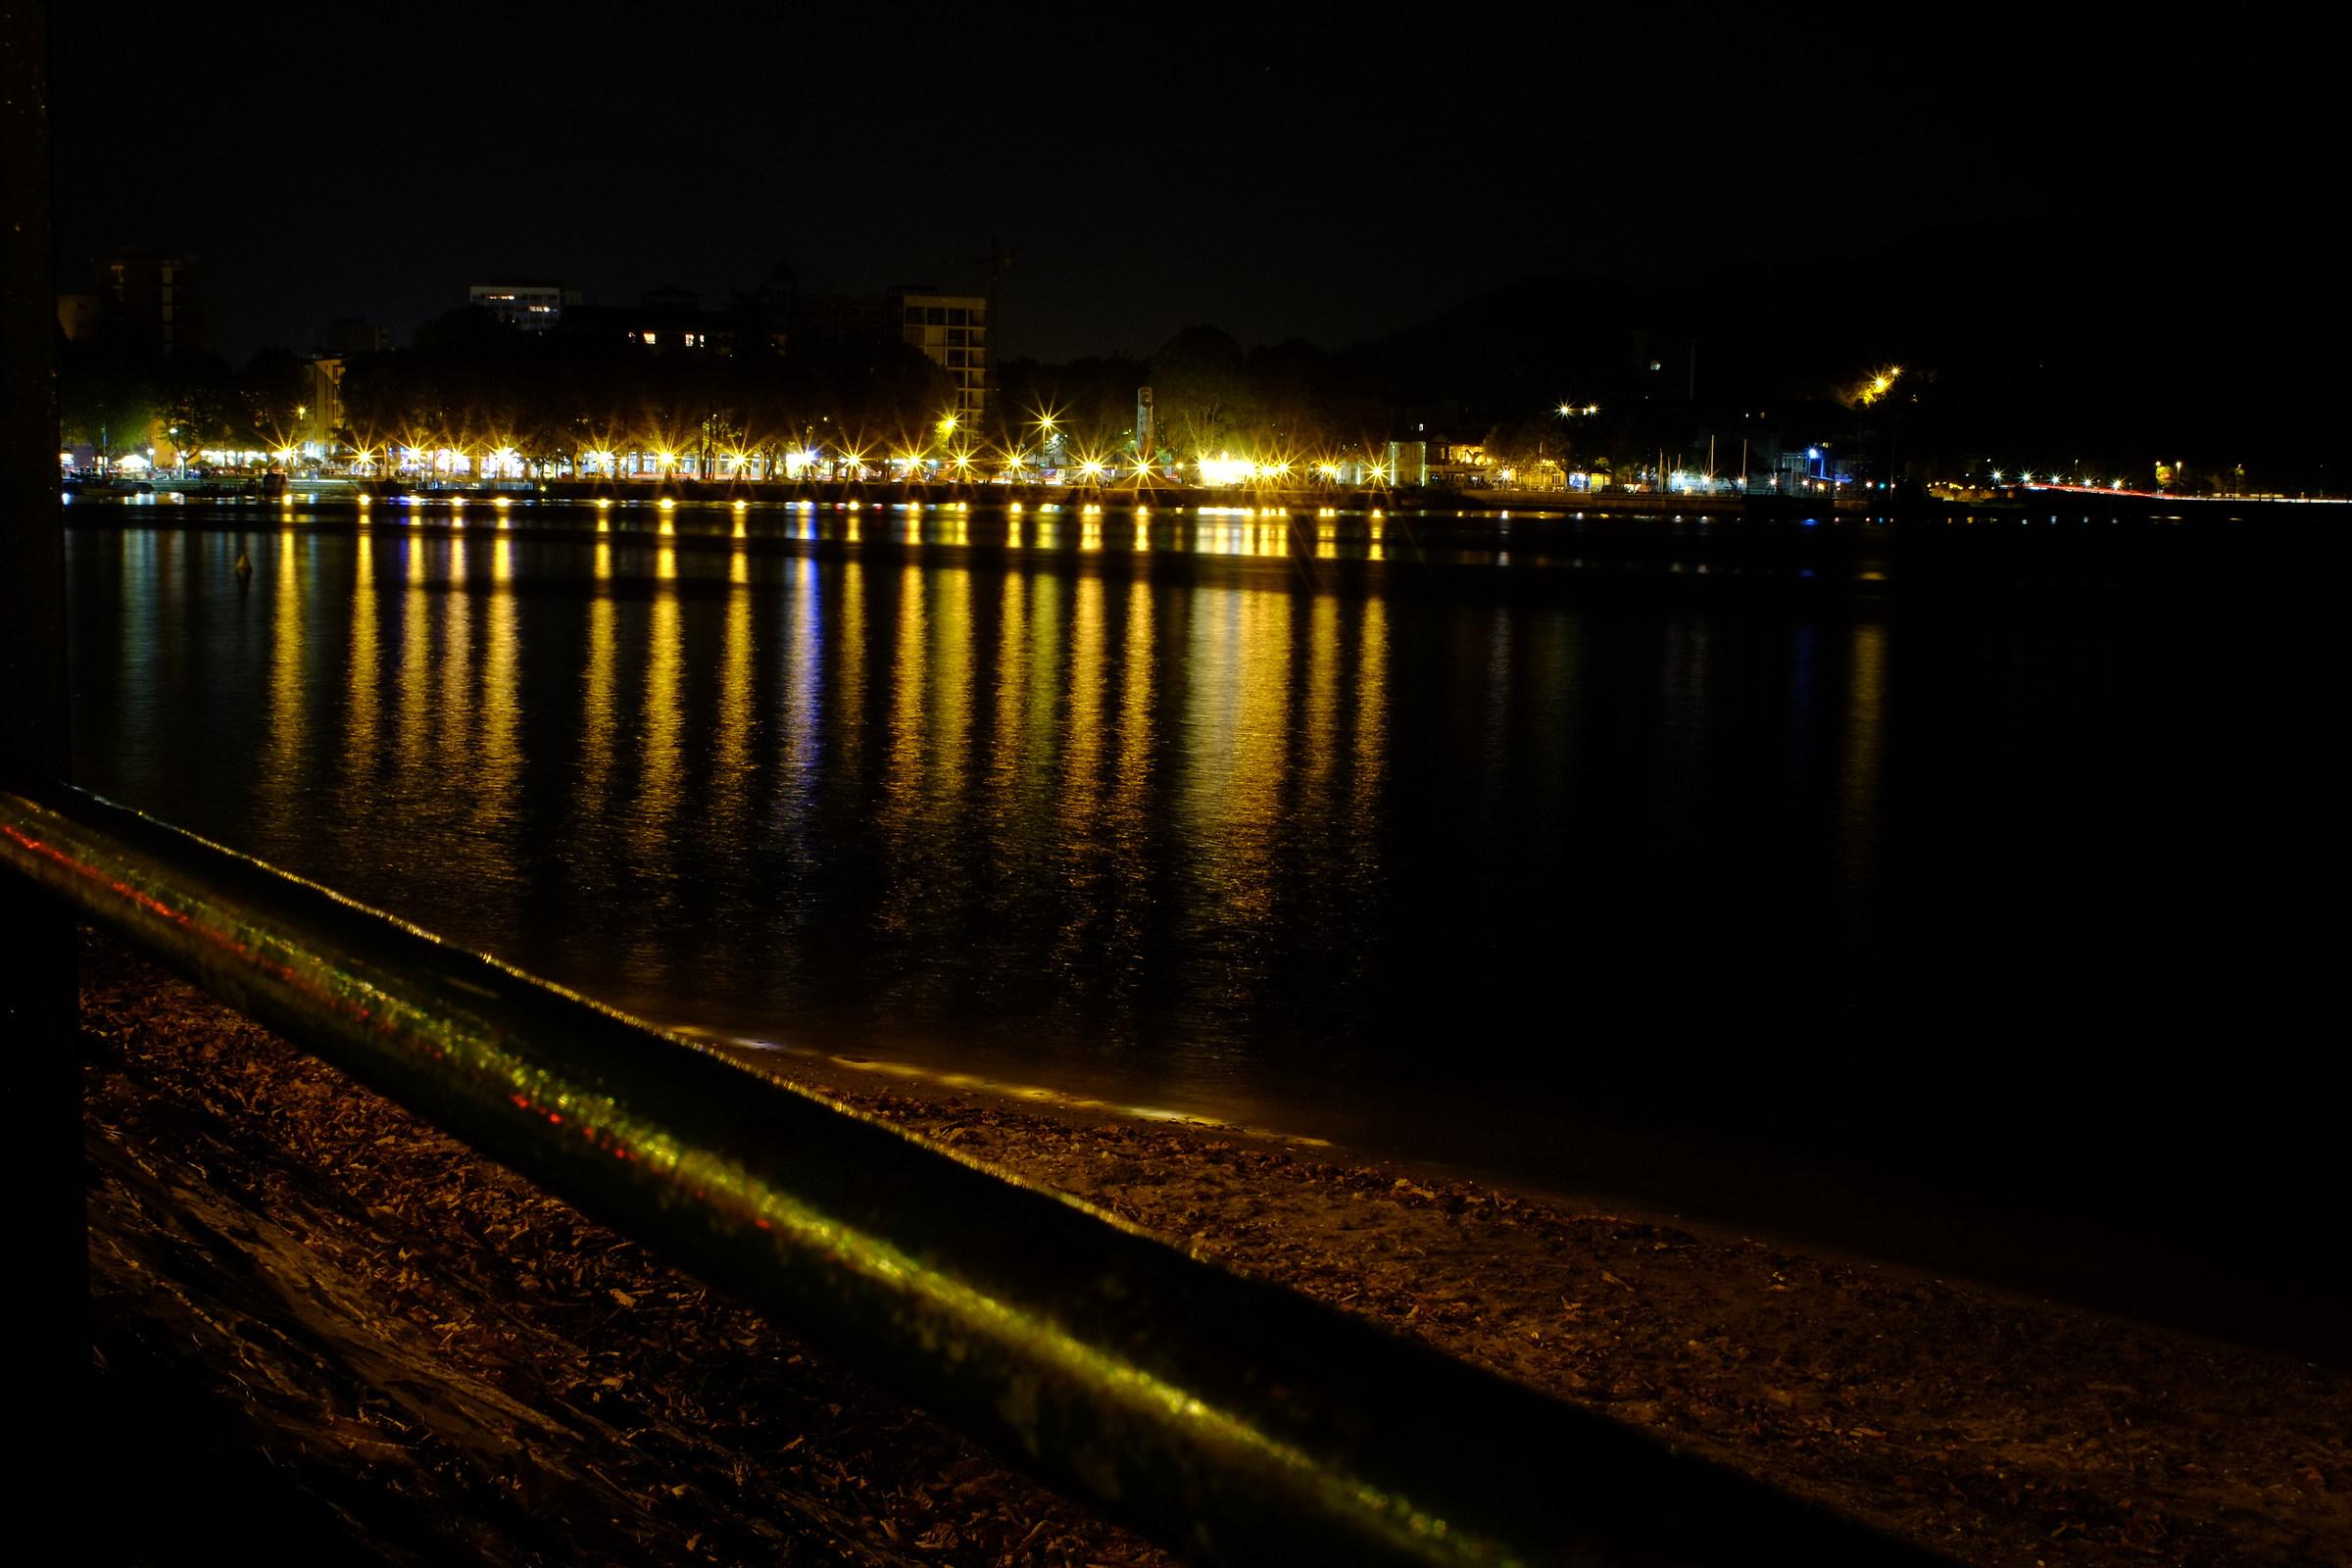 Lecco evening, November...